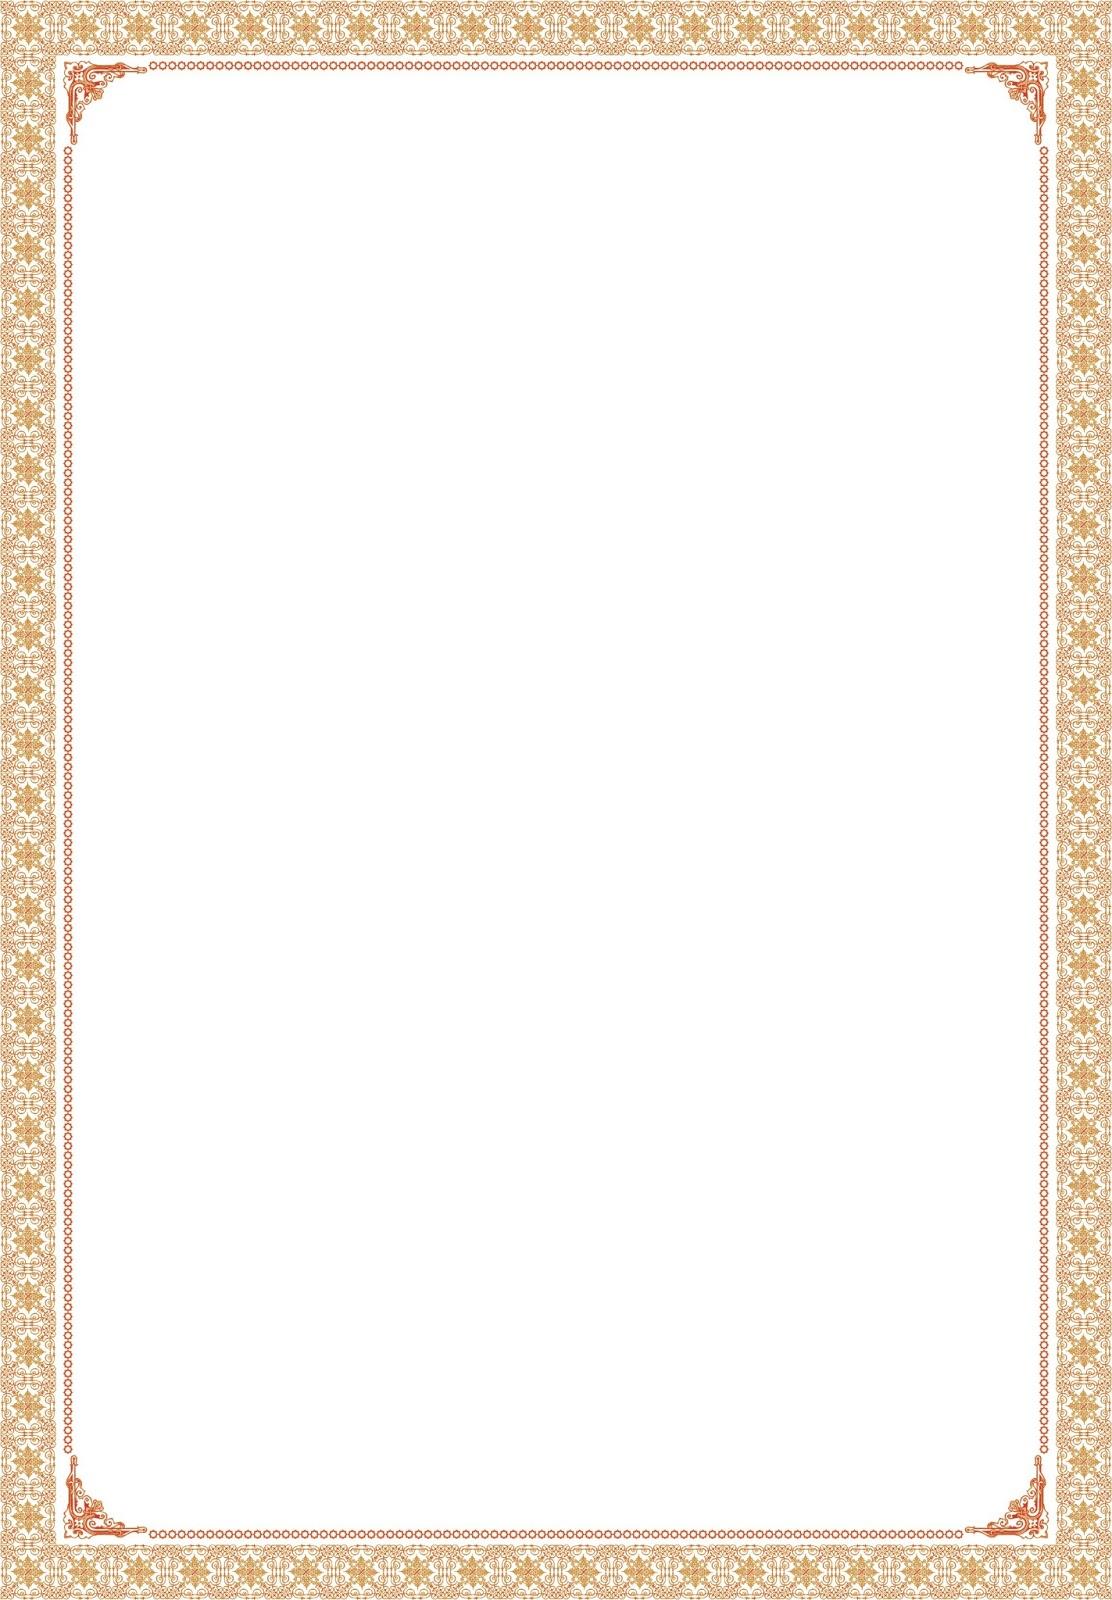 Primbon donit Download Bingkai Sertifikat dan Piagam Clasic